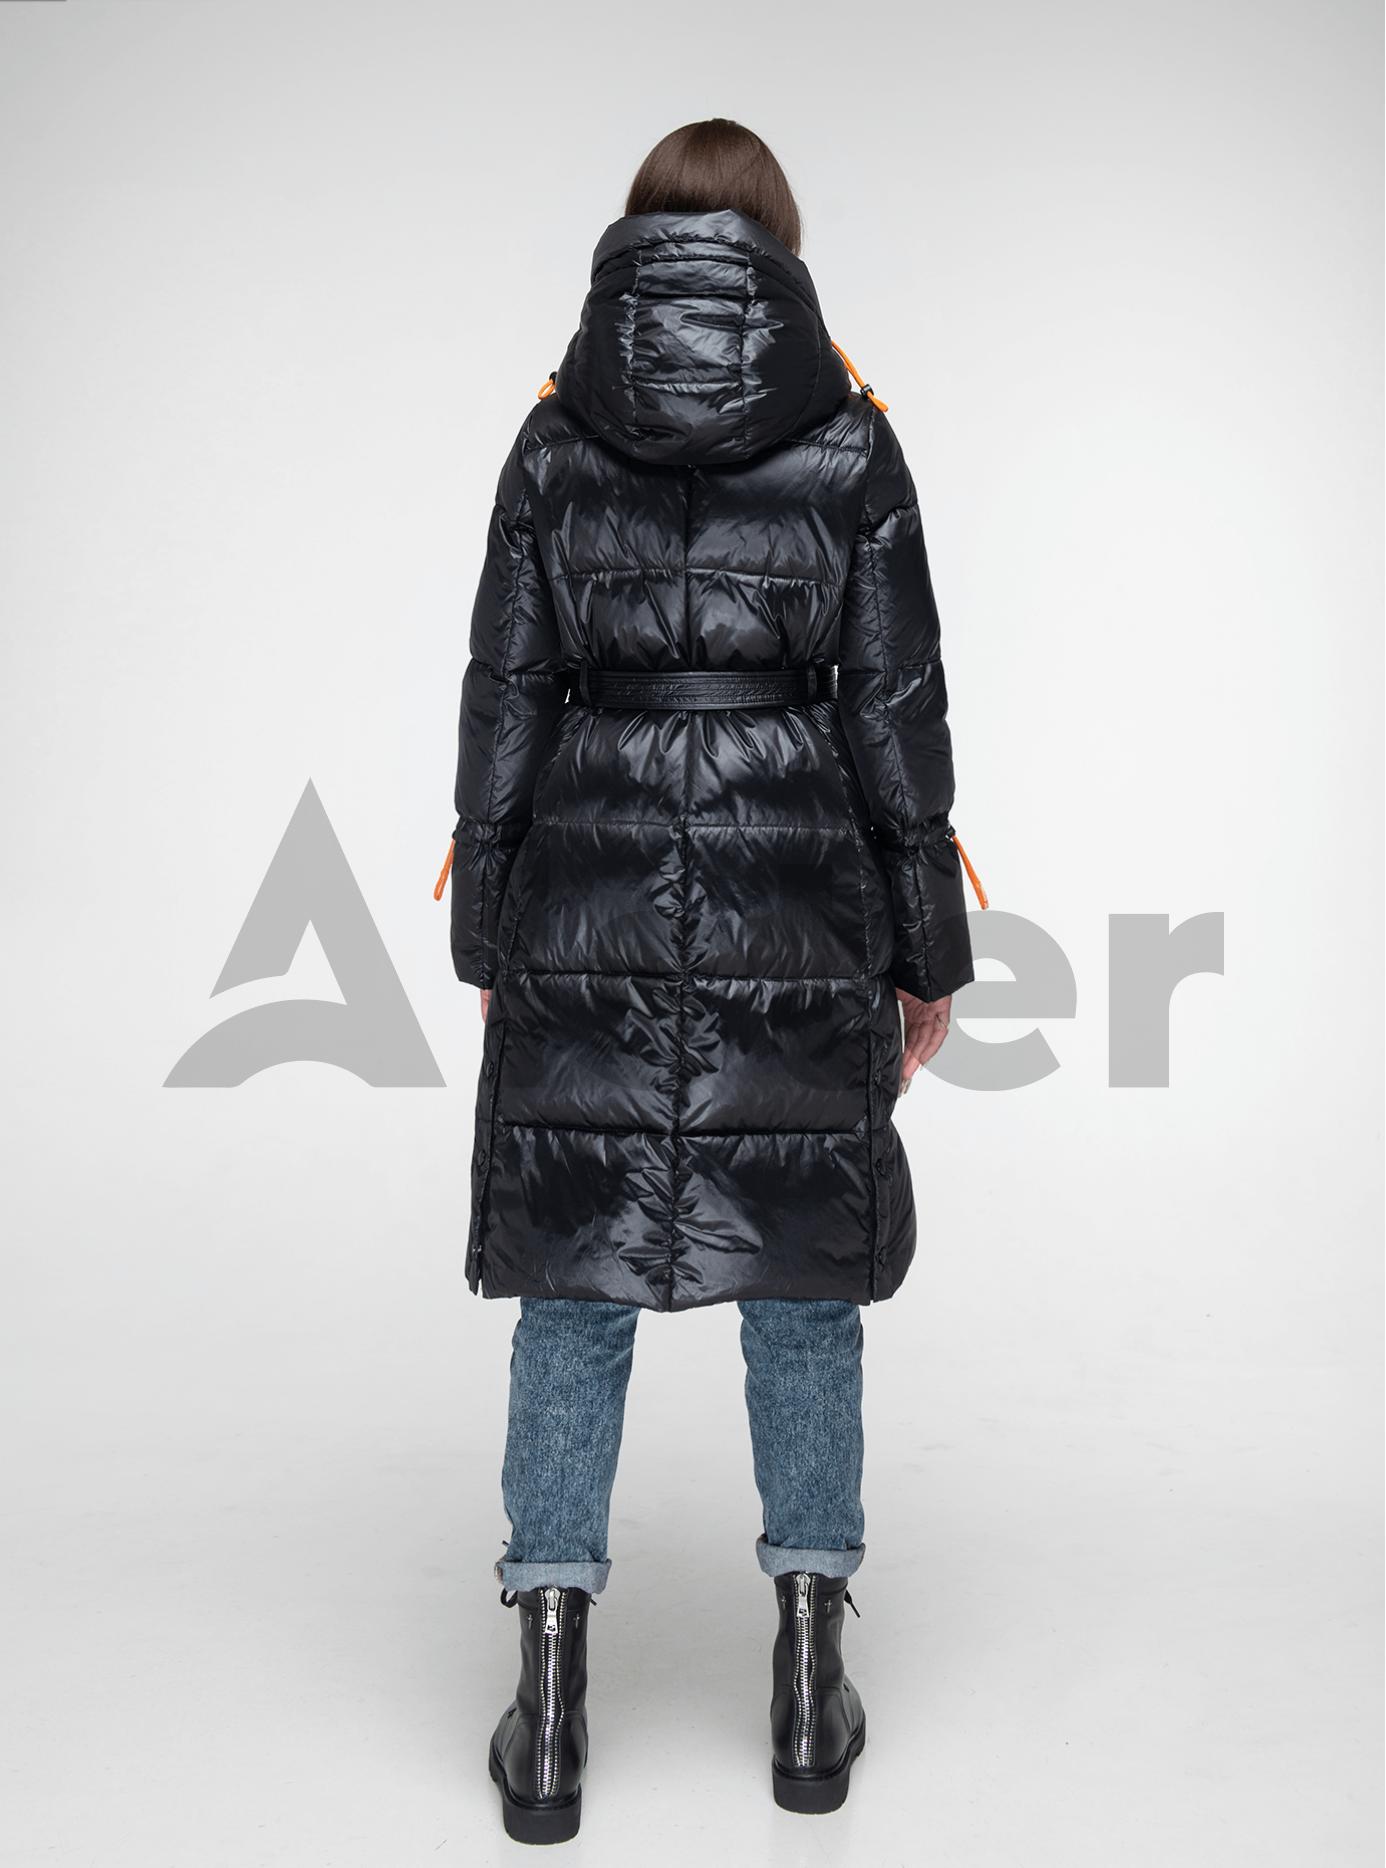 Пуховик женский длинный с поясом Чёрный L (02-Y191110): фото - Alster.ua